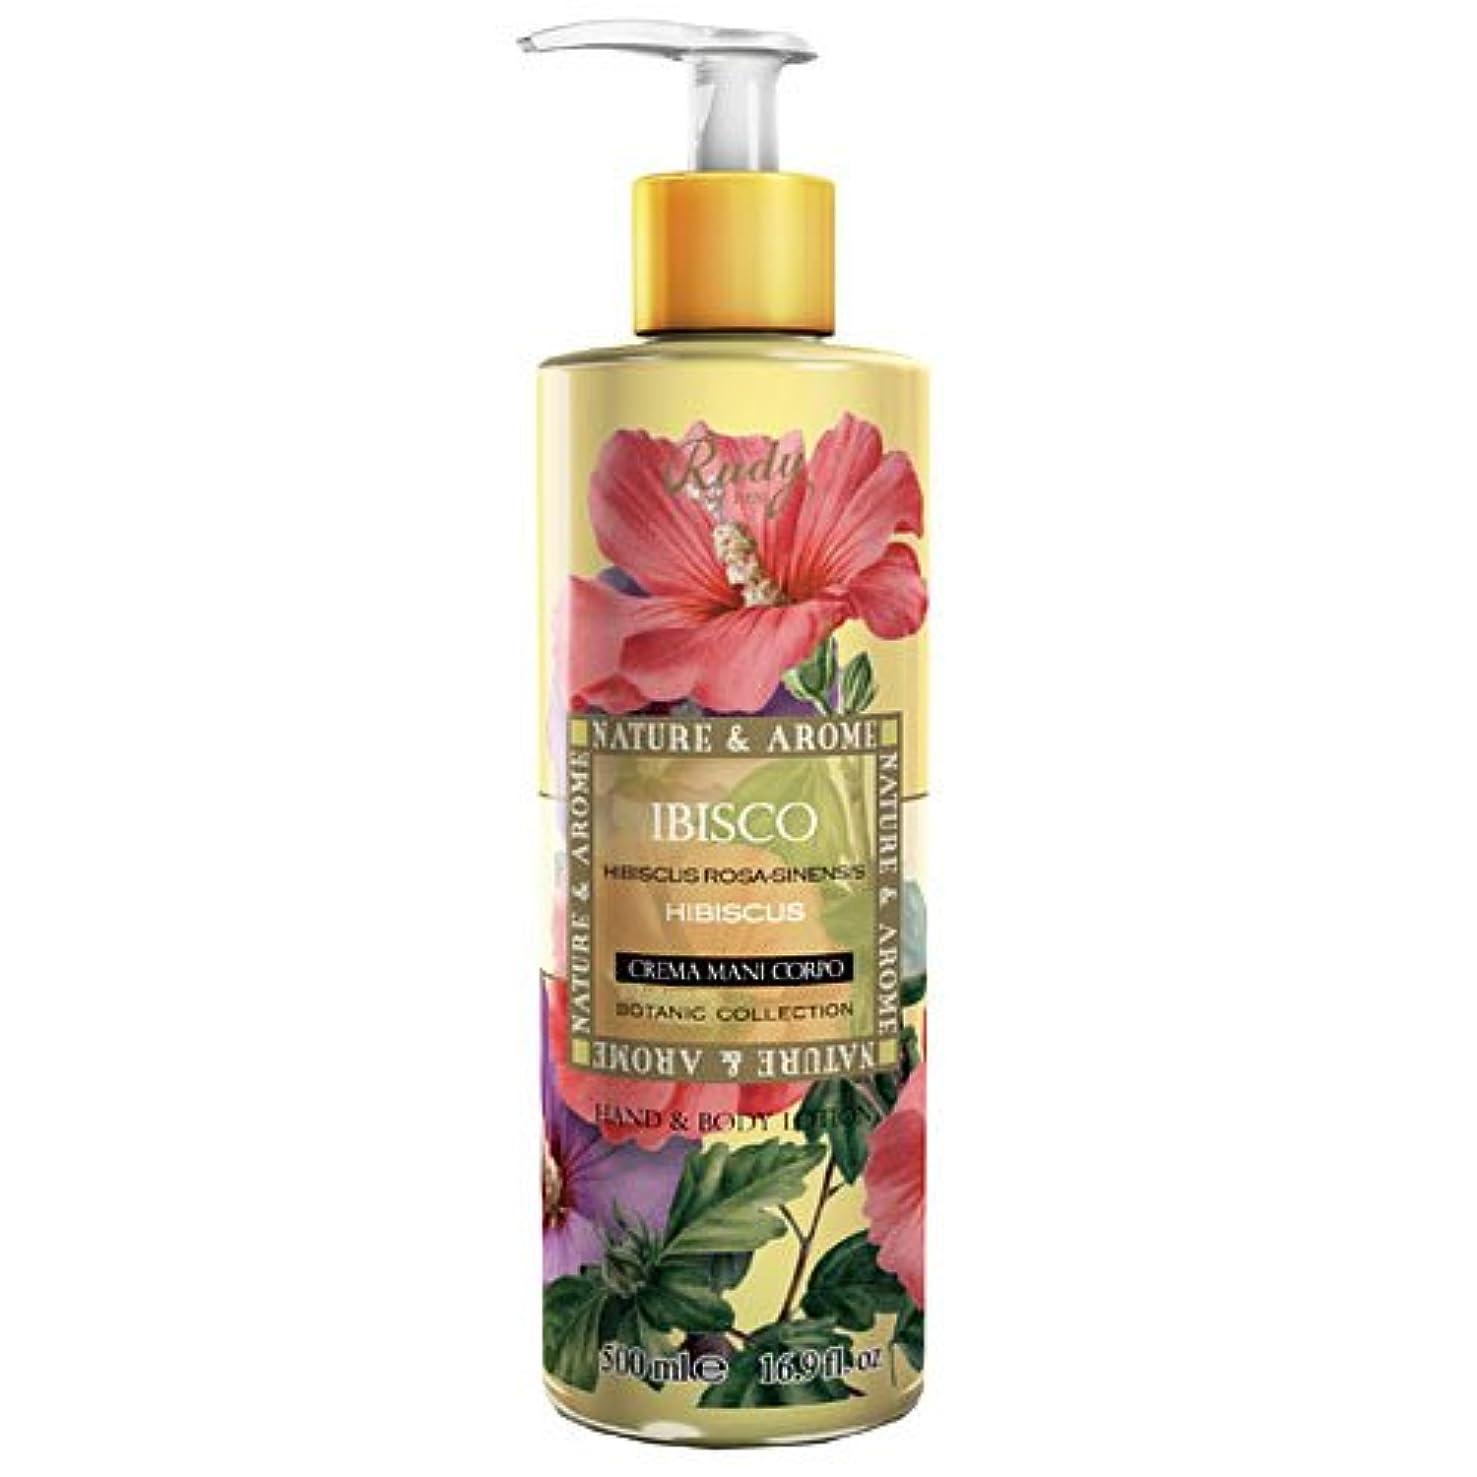 砂漠大理石敗北RUDY Nature&Arome SERIES ルディ ナチュール&アロマ Hand&Body lotion ハンド&ボディローション ハイビスカス